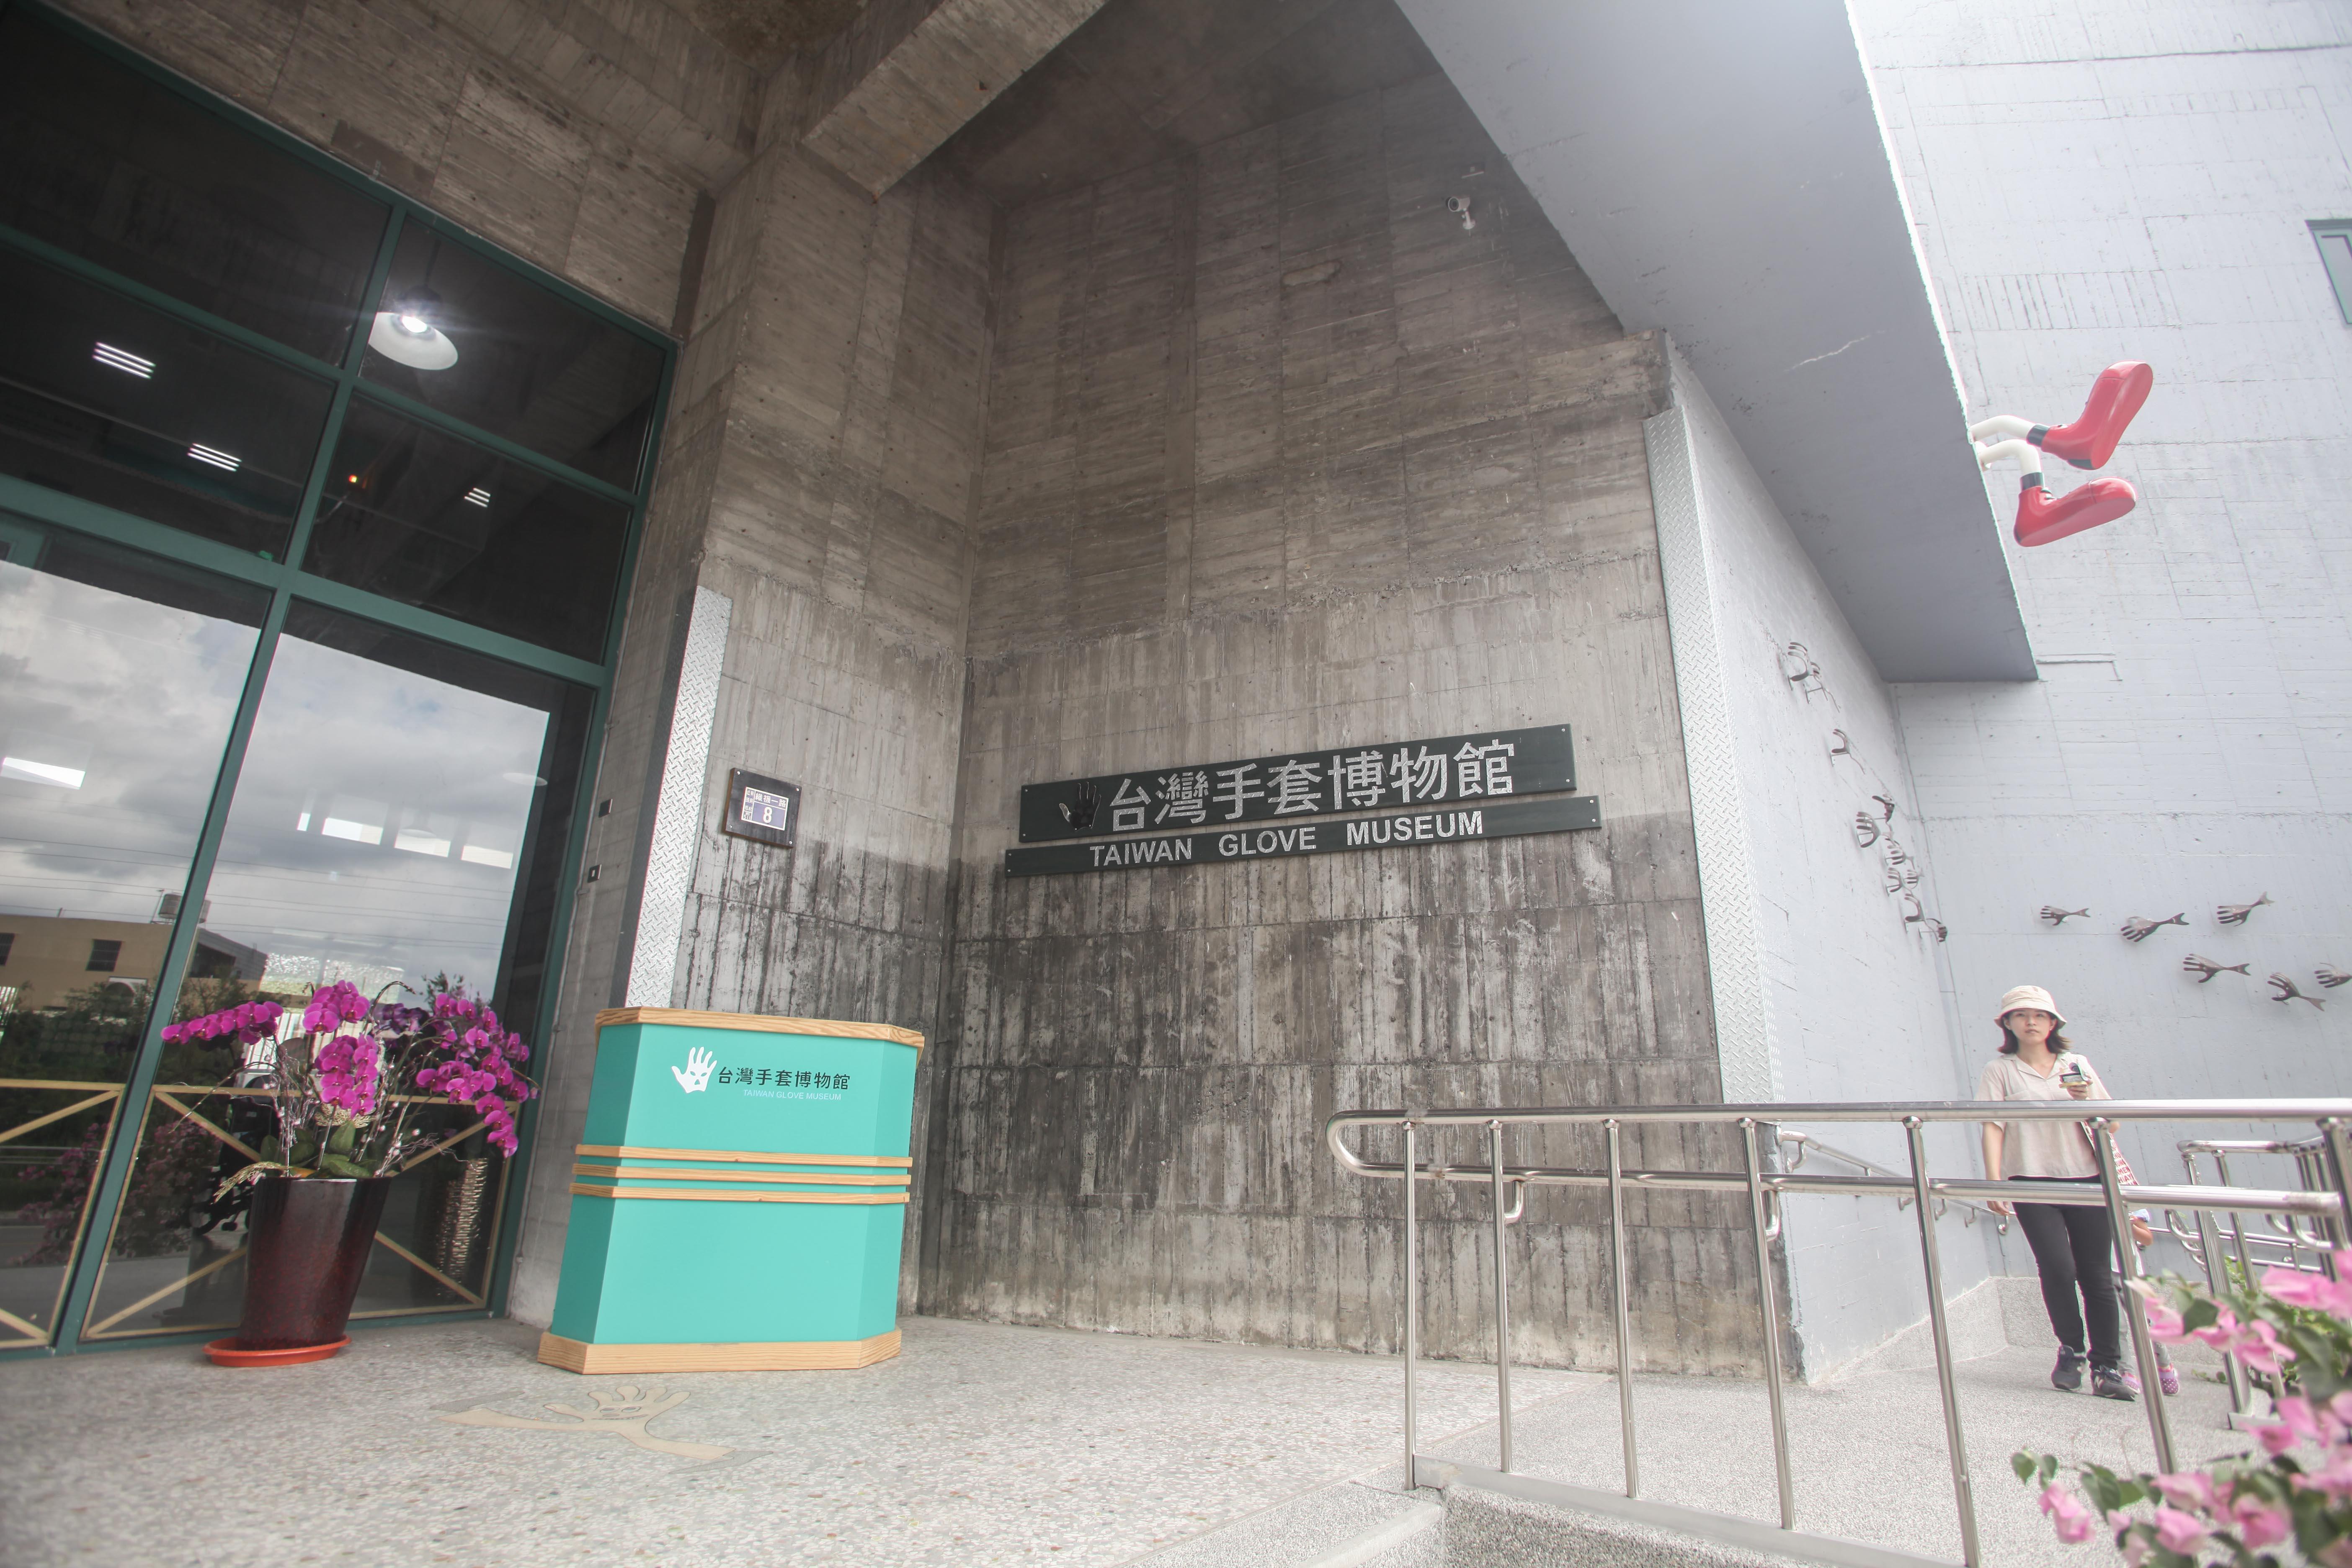 台灣手套博物館外觀